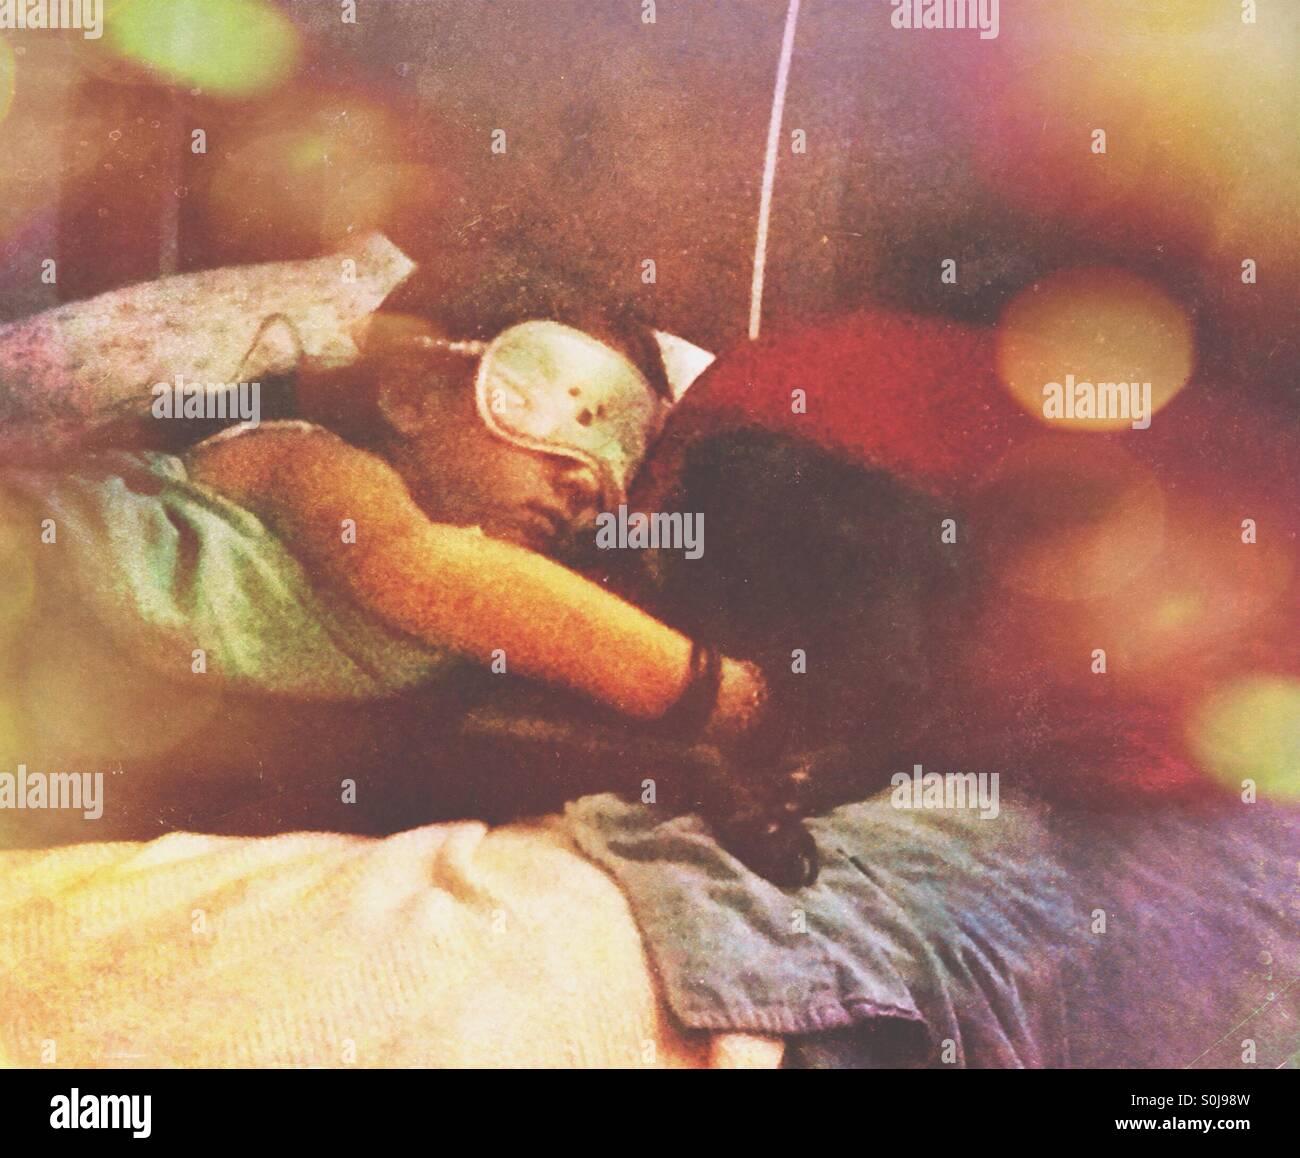 Ein kleines Mädchen mit ihrem Hund schlafen. Stockbild